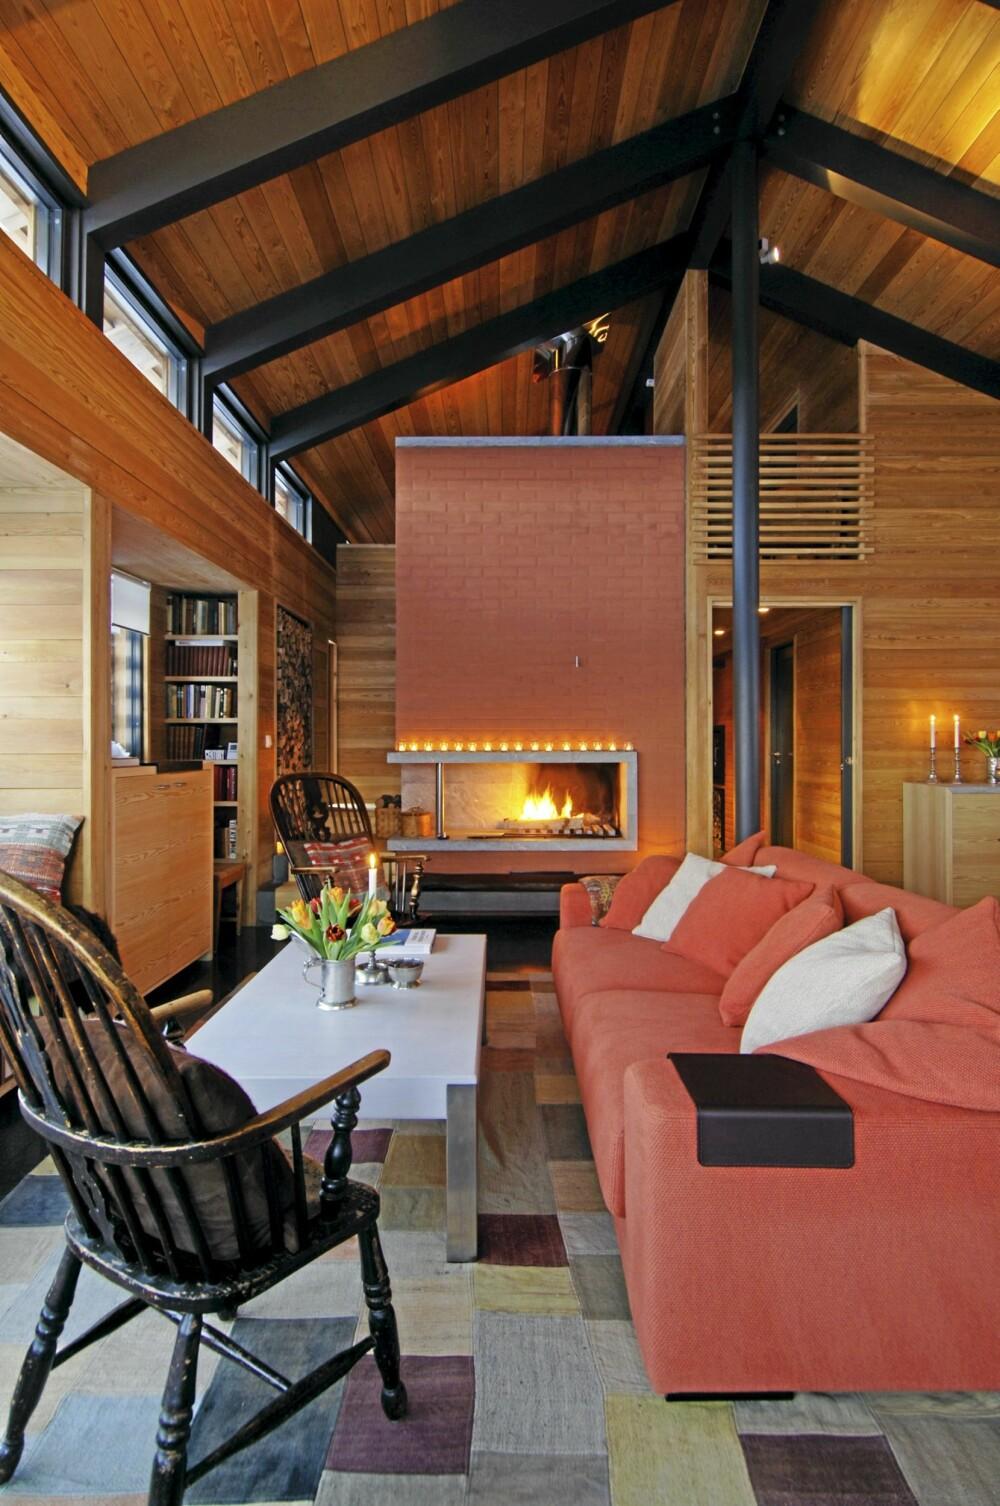 FRODIG MIKS: Den terrakottafargete peisen er sentrum i stuen. Taket bæres av gråmalte stålsøyler og limtredragere. Flere soverom på hemsen. Sofa fra Exo Møbelstudio.